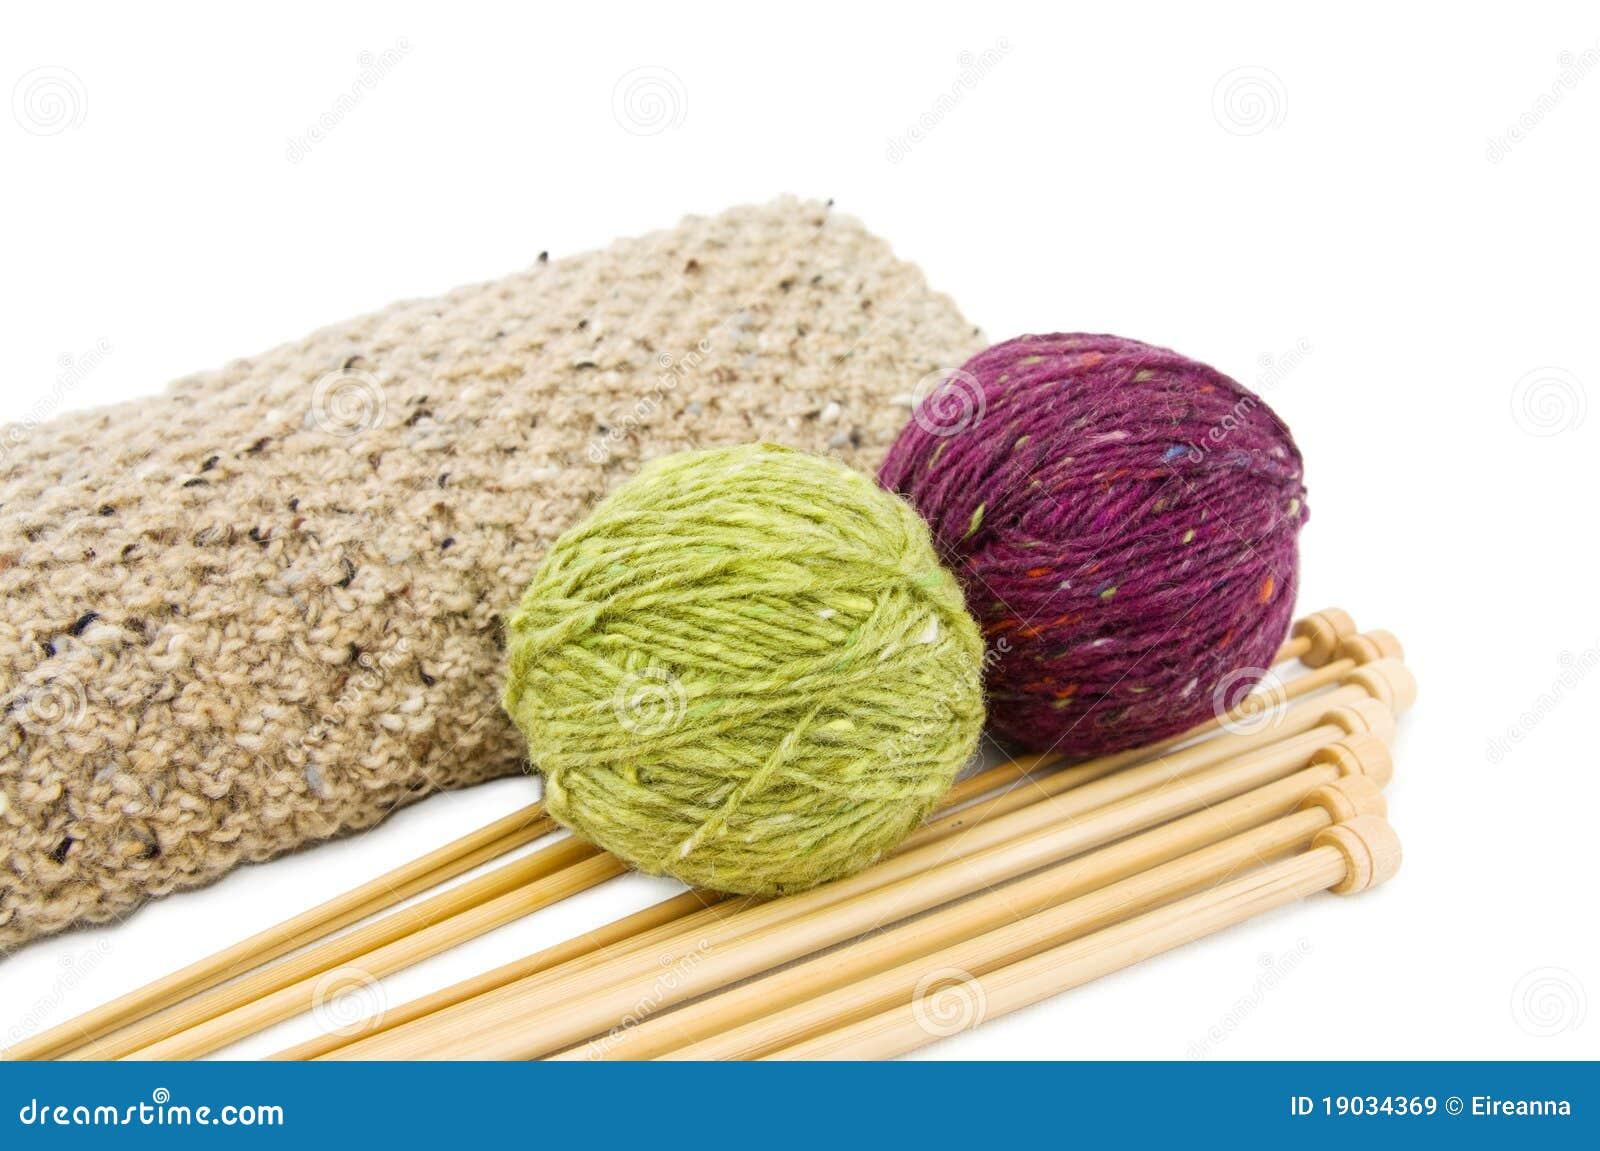 Filati per maglieria stock sanotint light tabella colori for Colori sanotint light